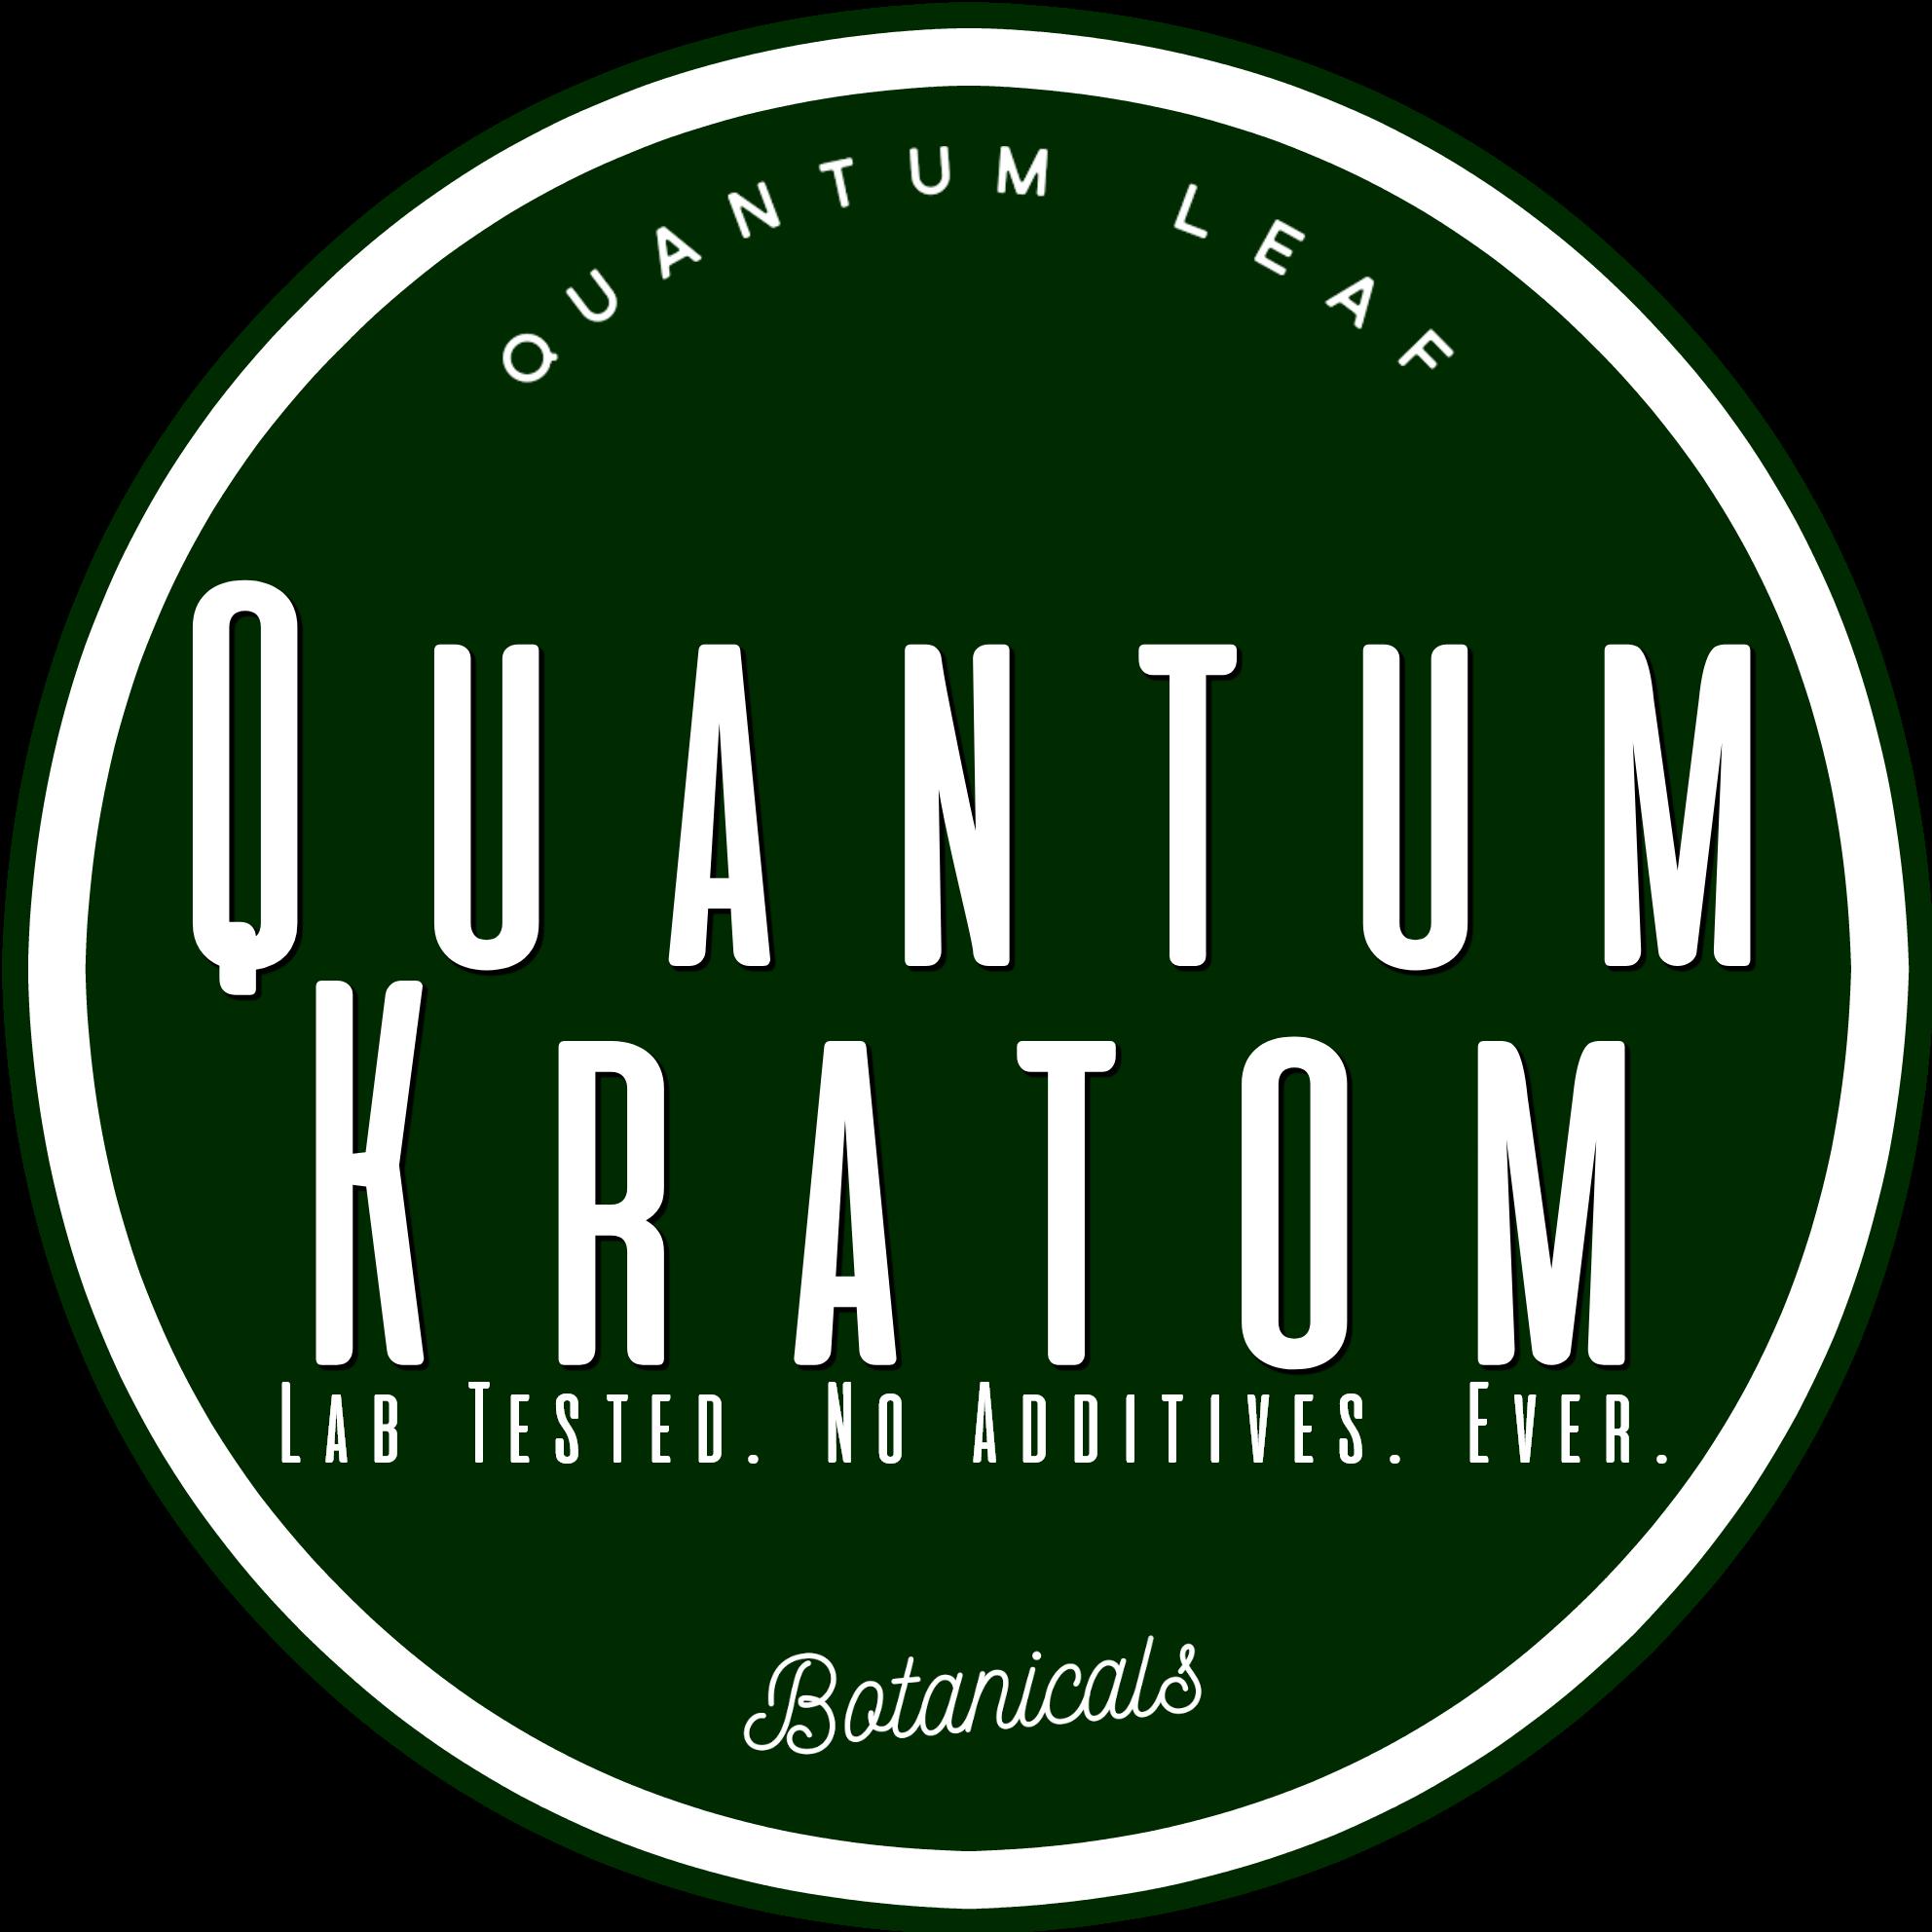 quantum-kratom-logo-2018.png